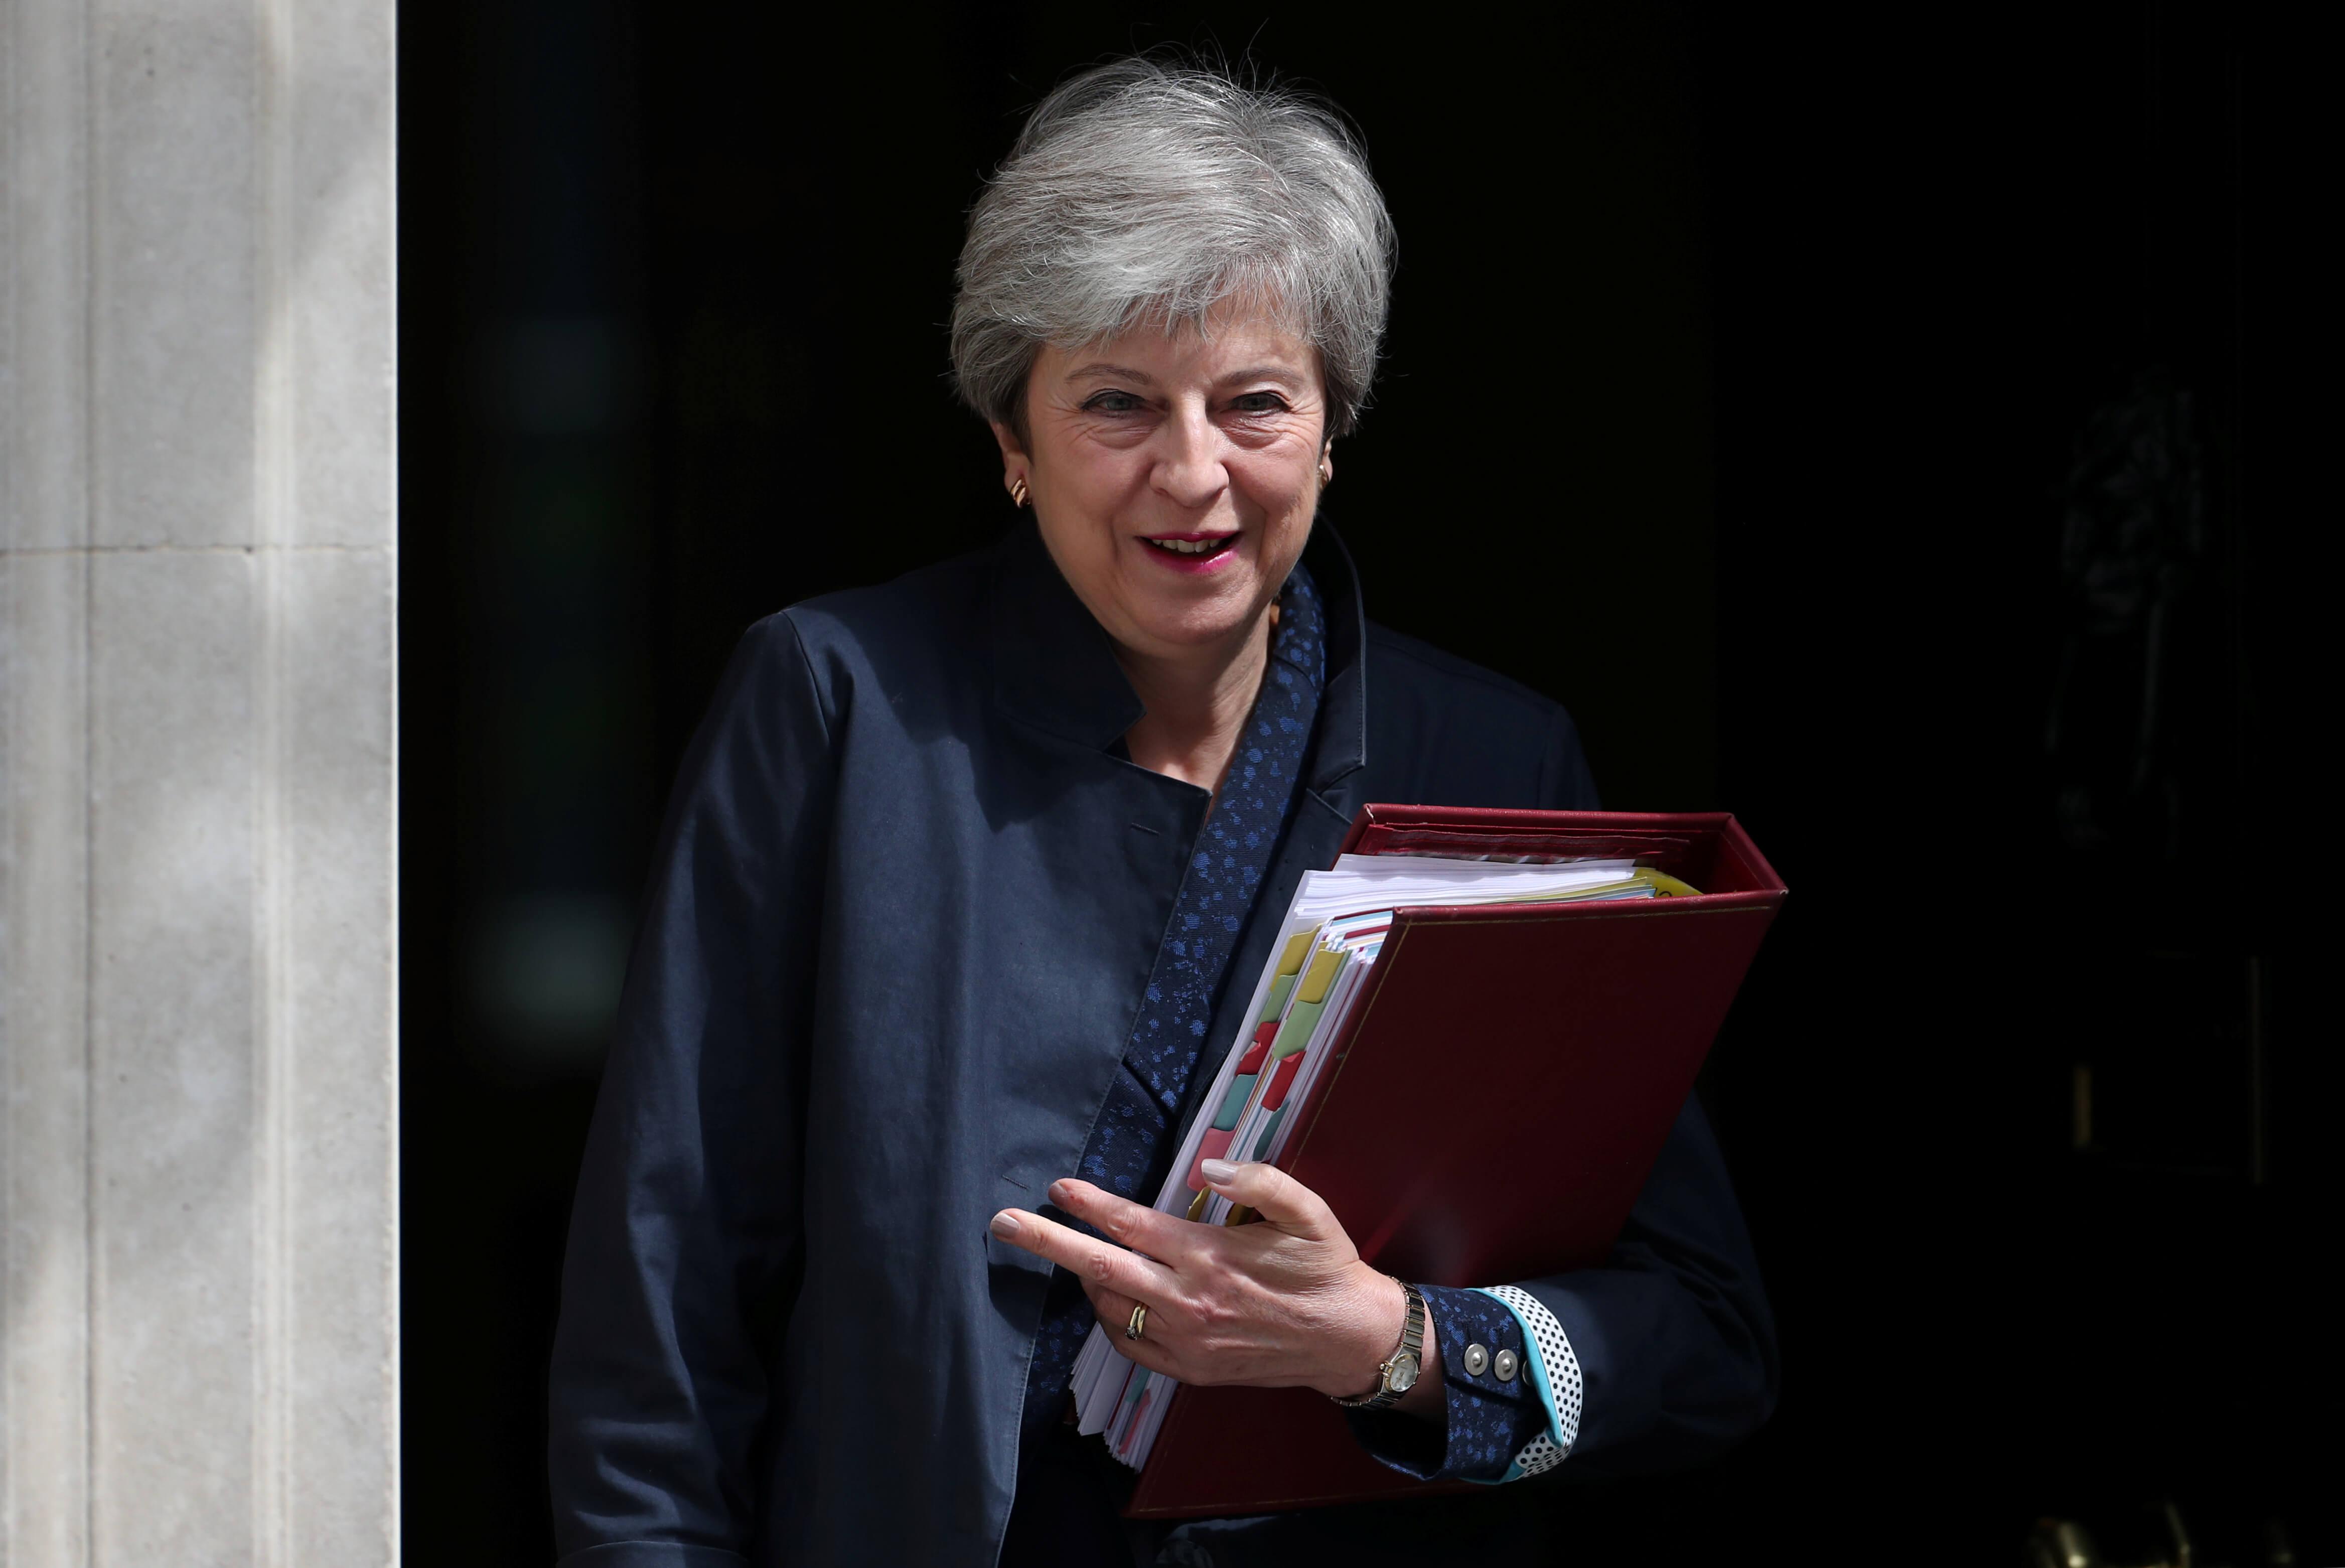 Δεν φεύγει από το κοινοβούλιο η Μέι! Θα παραμείνει βουλευτής